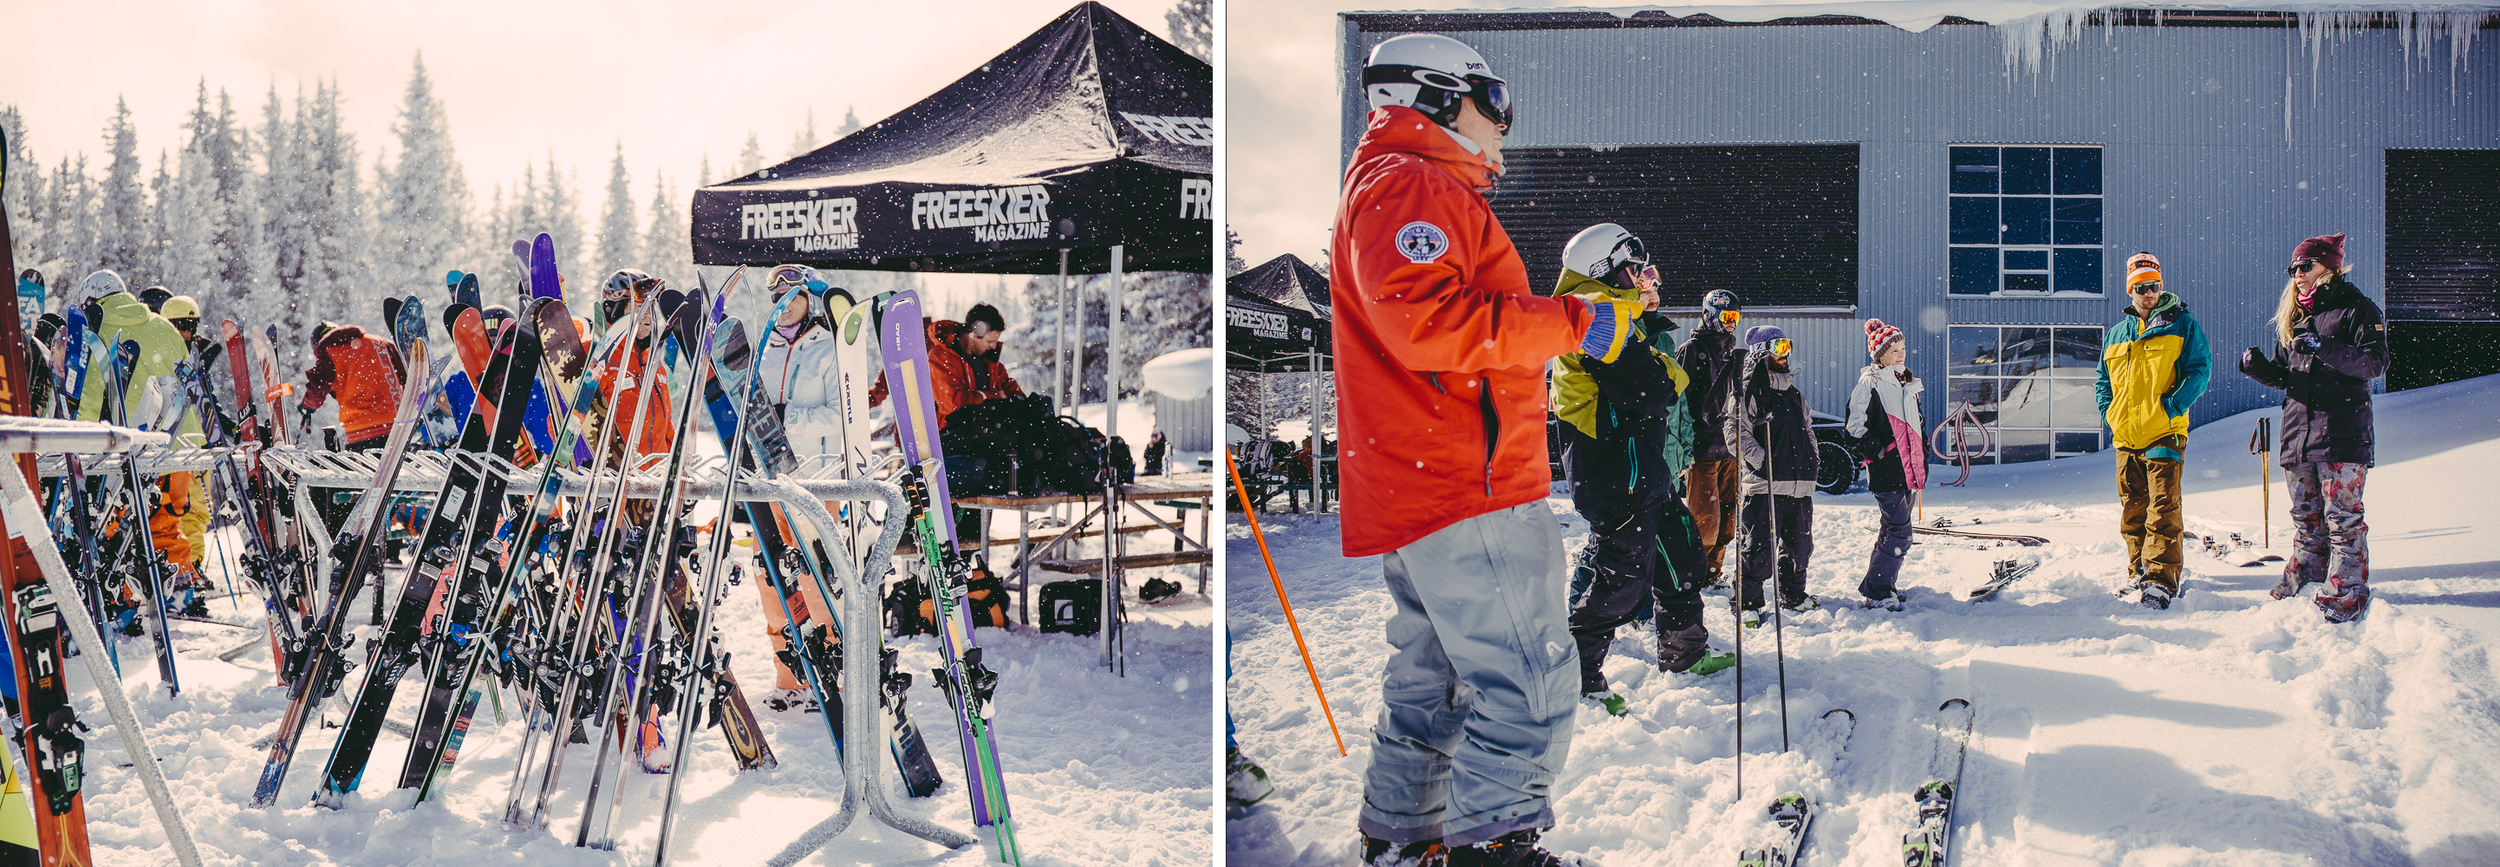 Freeskier Magazine Ski Test